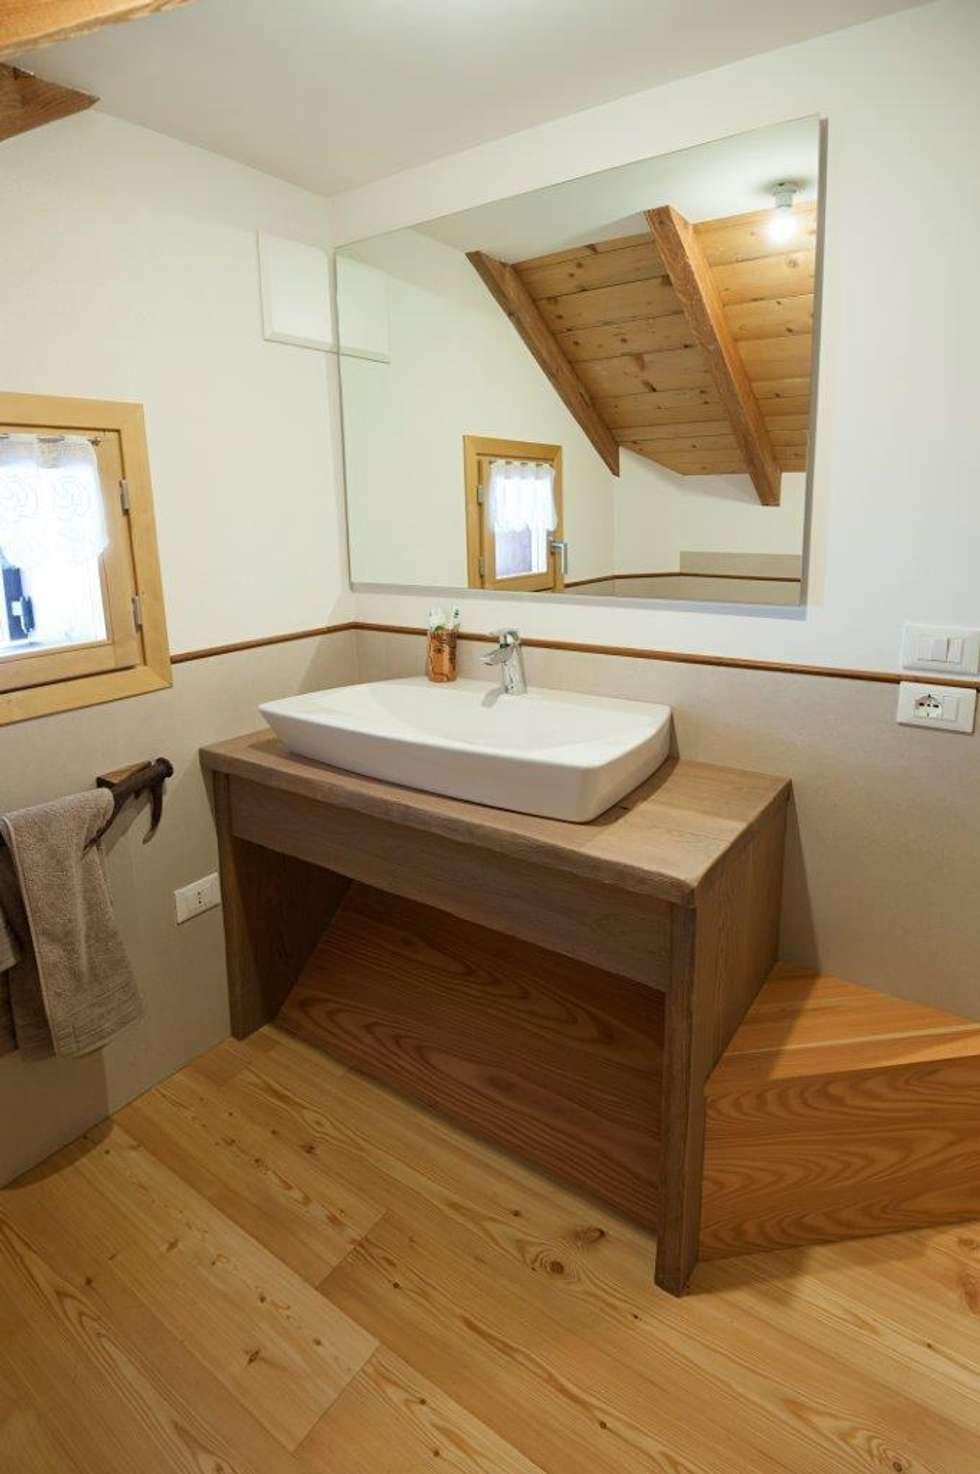 Bagno: Case in stile in stile Rustico di Parchettificio Garbelotto Srl -  Master Floor Srl